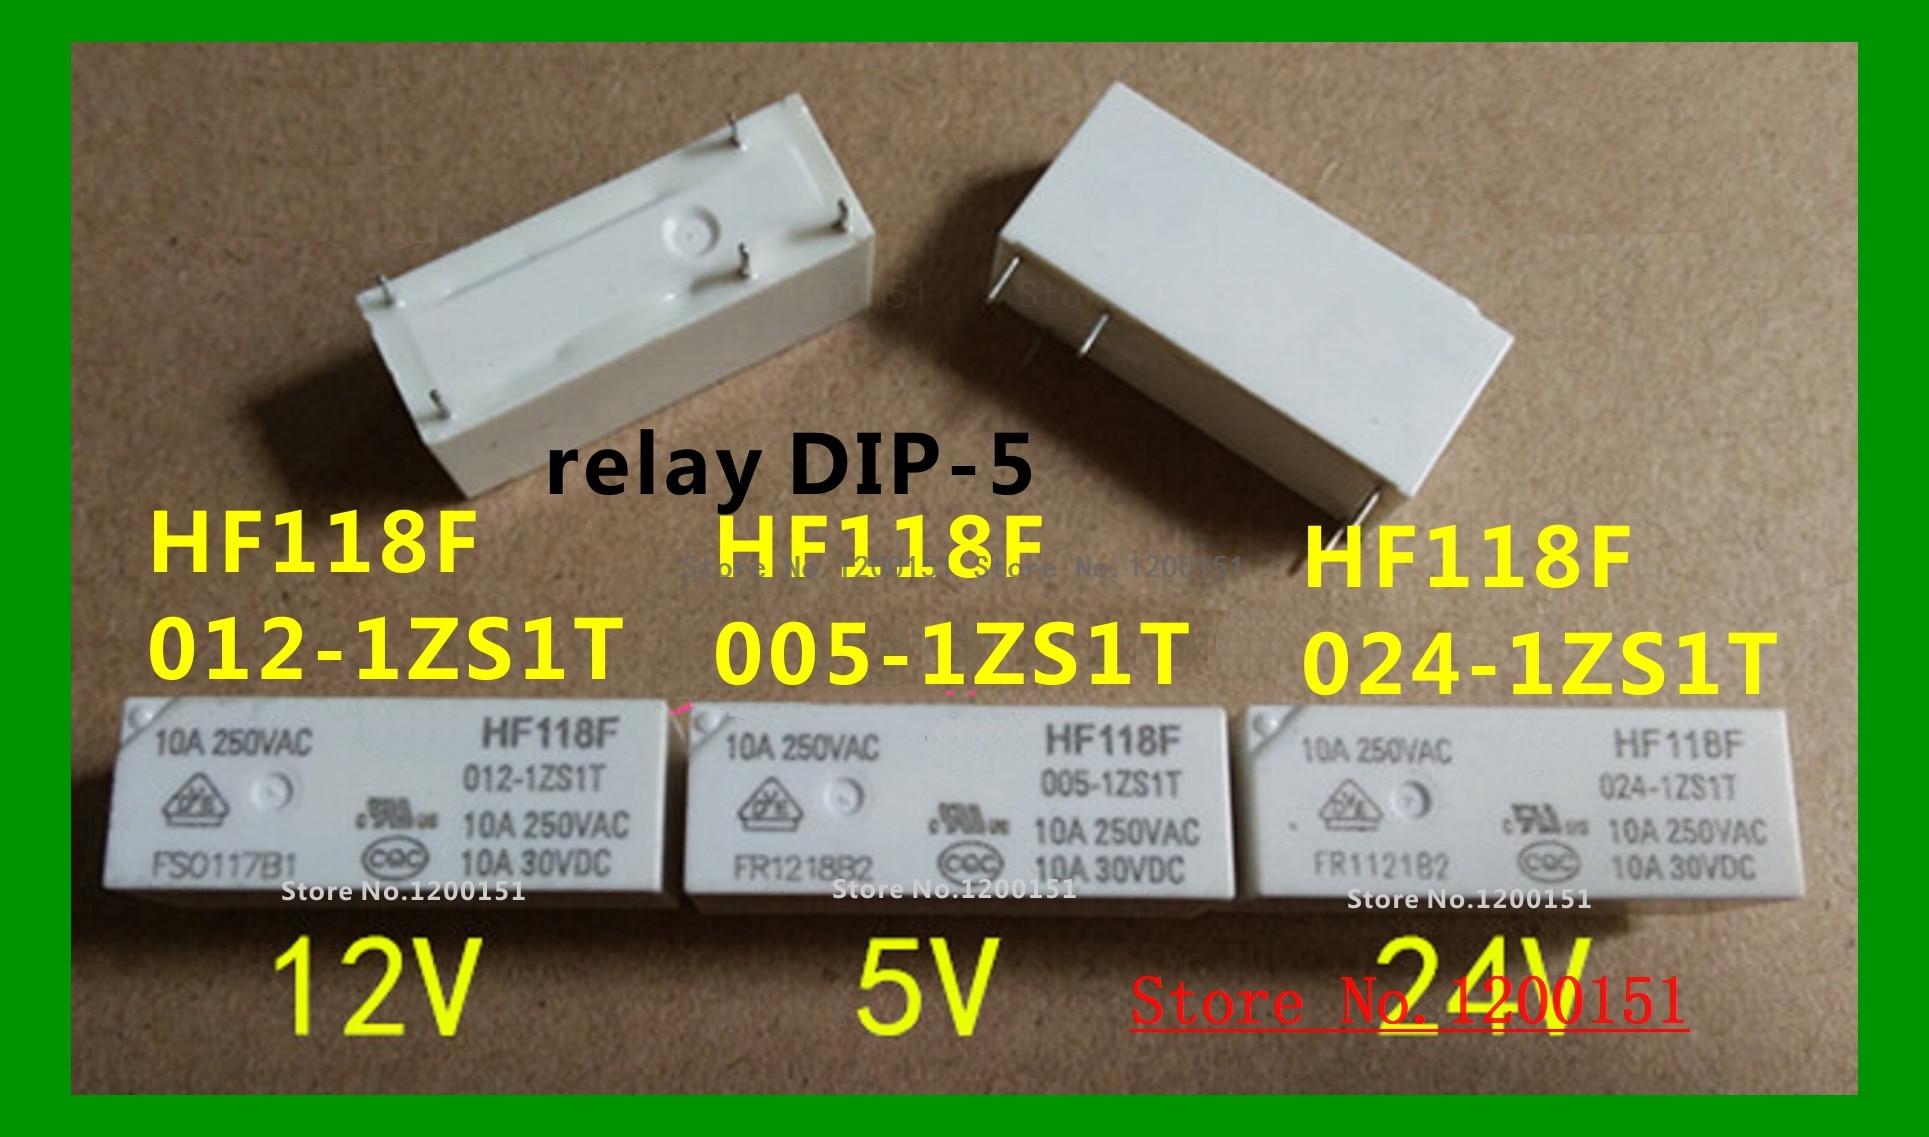 HF118F-005-1ZS1T 5VDC HF118F-012-1ZS1T 12VDC HF118F-024-1ZS1T 24VDC Relay DIP-5